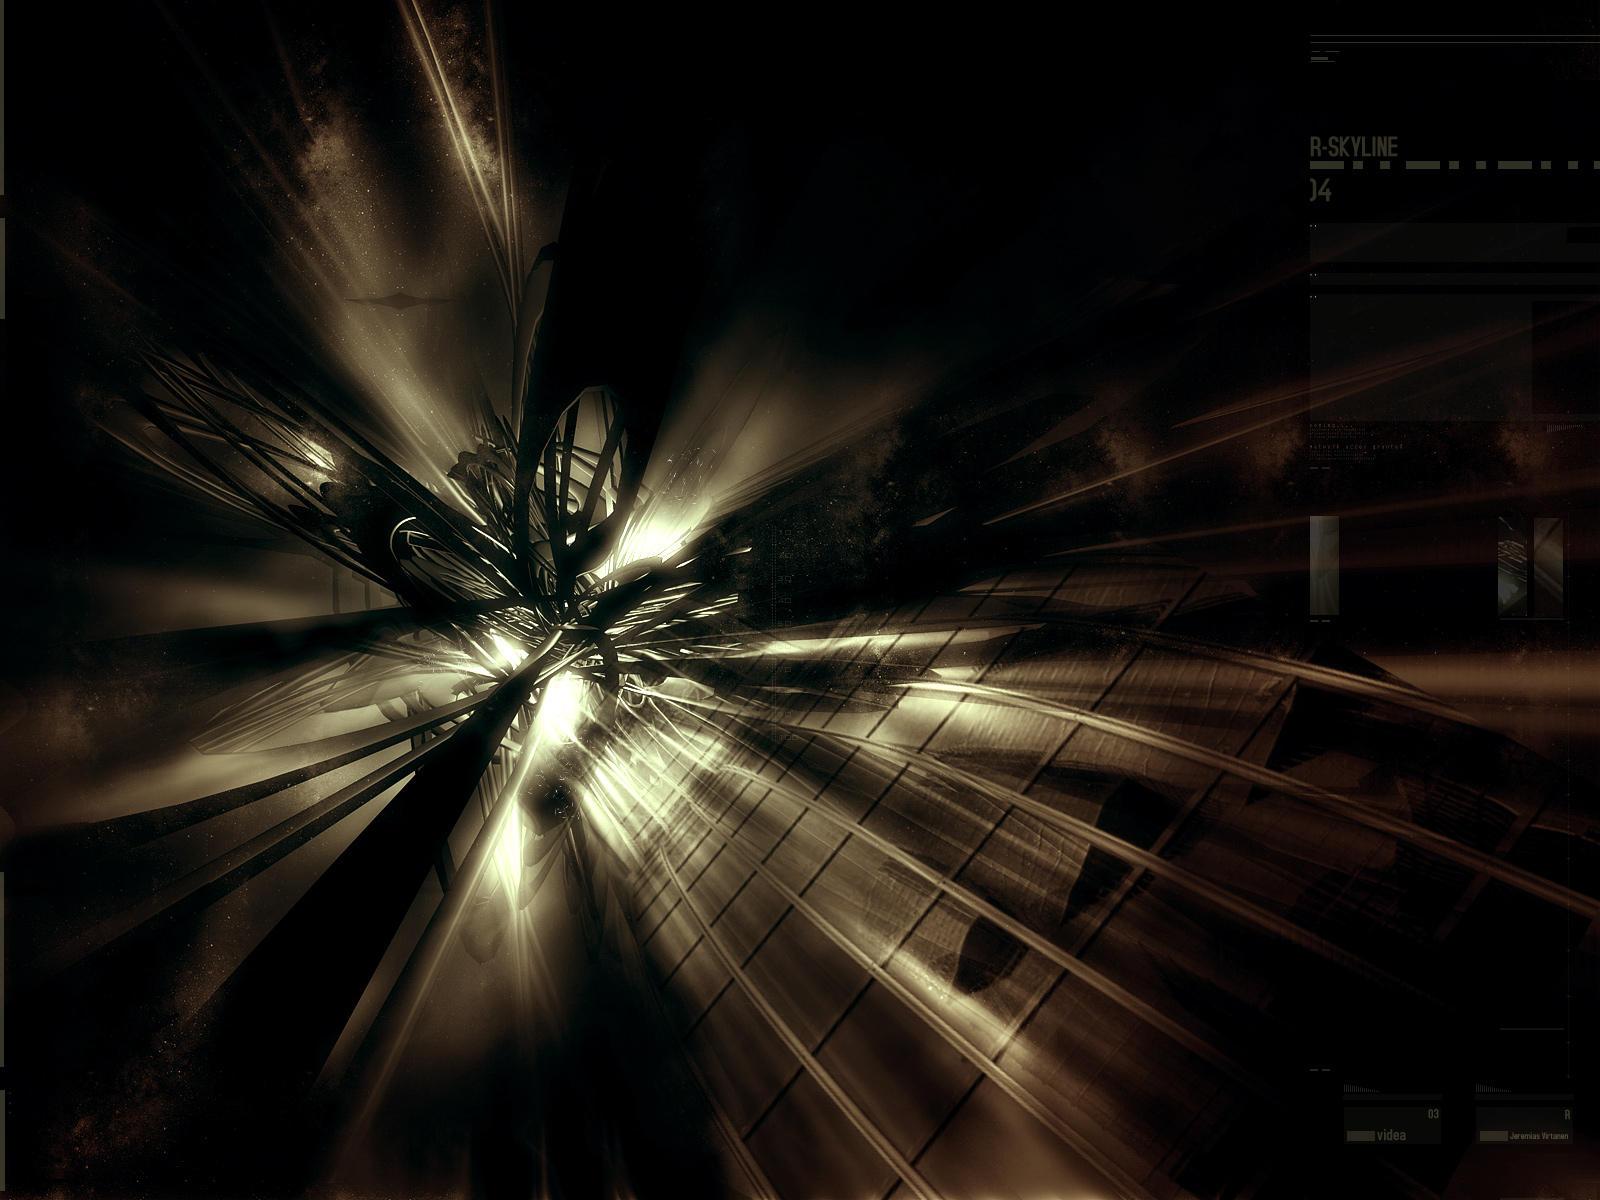 R-SKYLINE 04 by videa